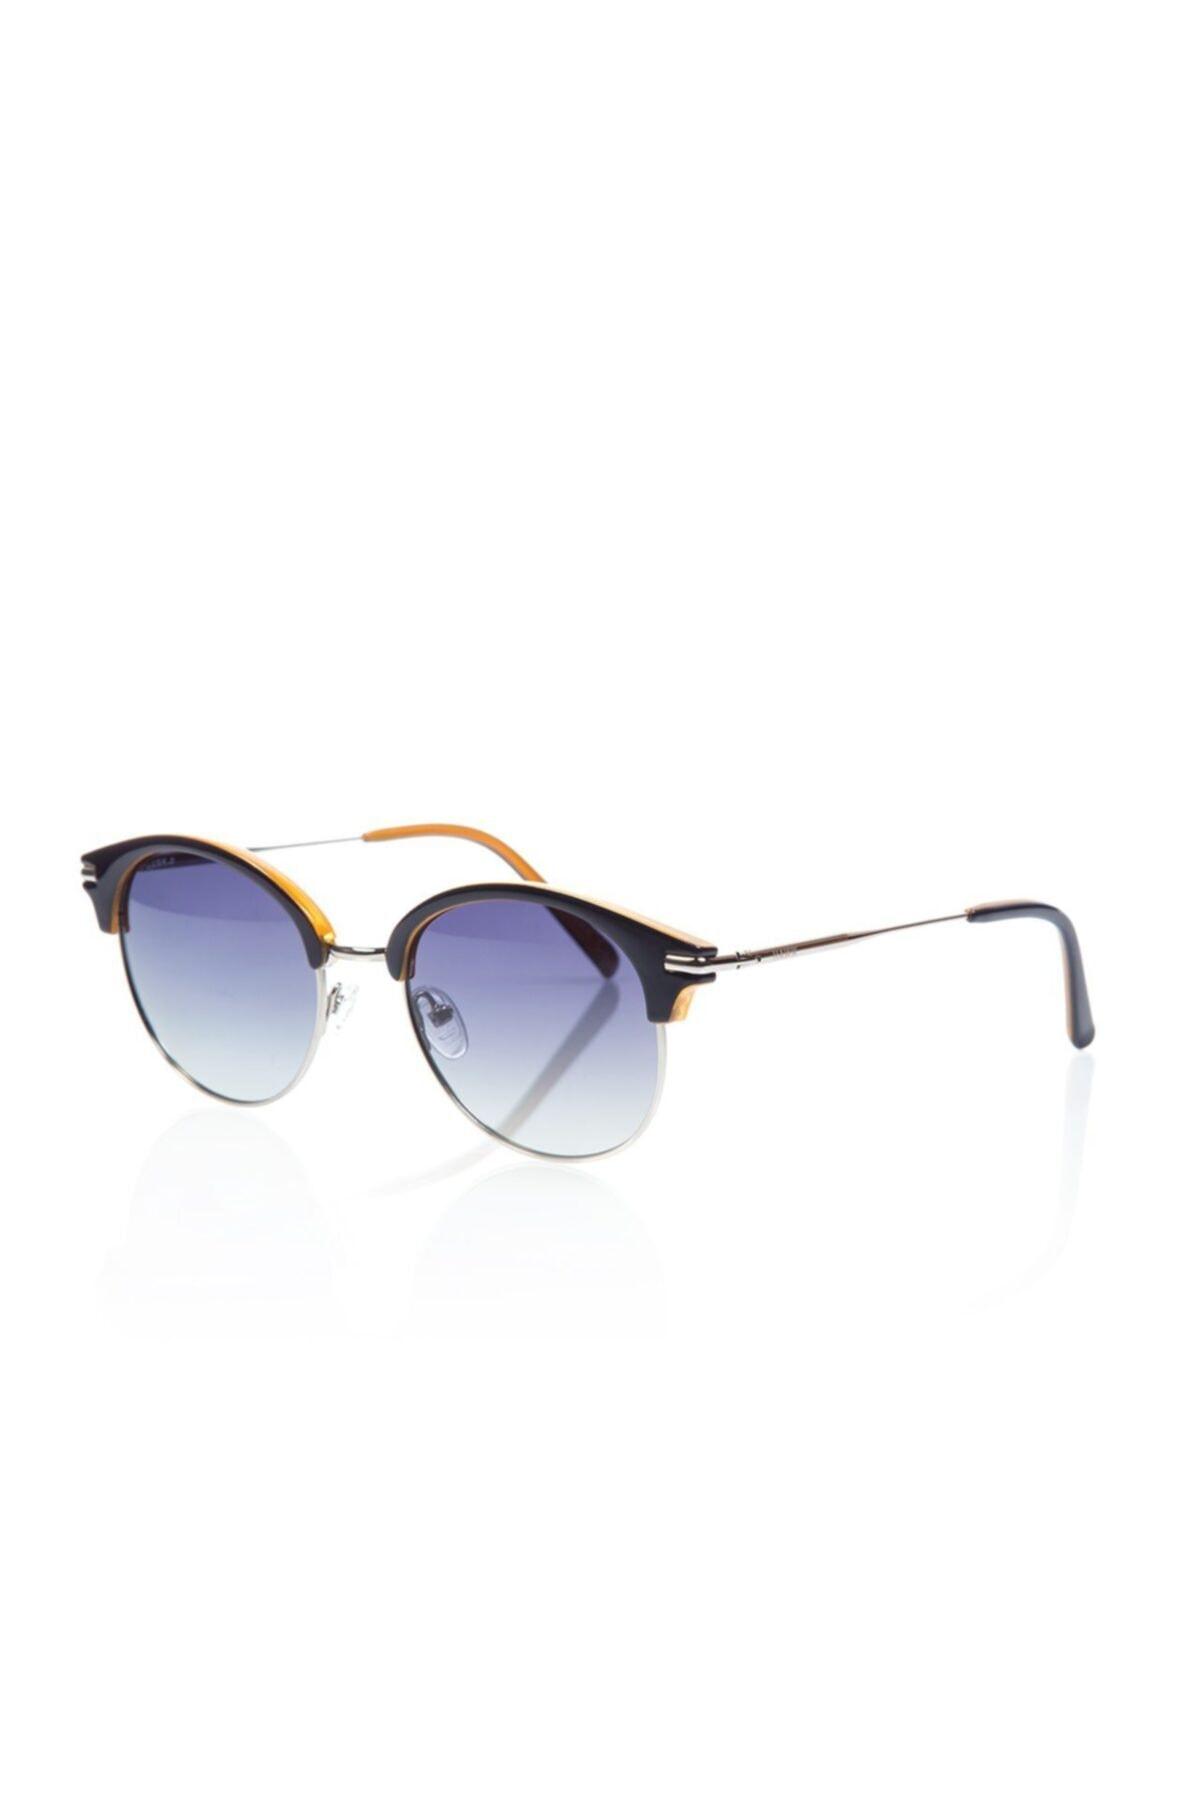 فروش عینک آفتابی مردانه حراجی برند HAWK رنگ نقره ای کد ty7055039